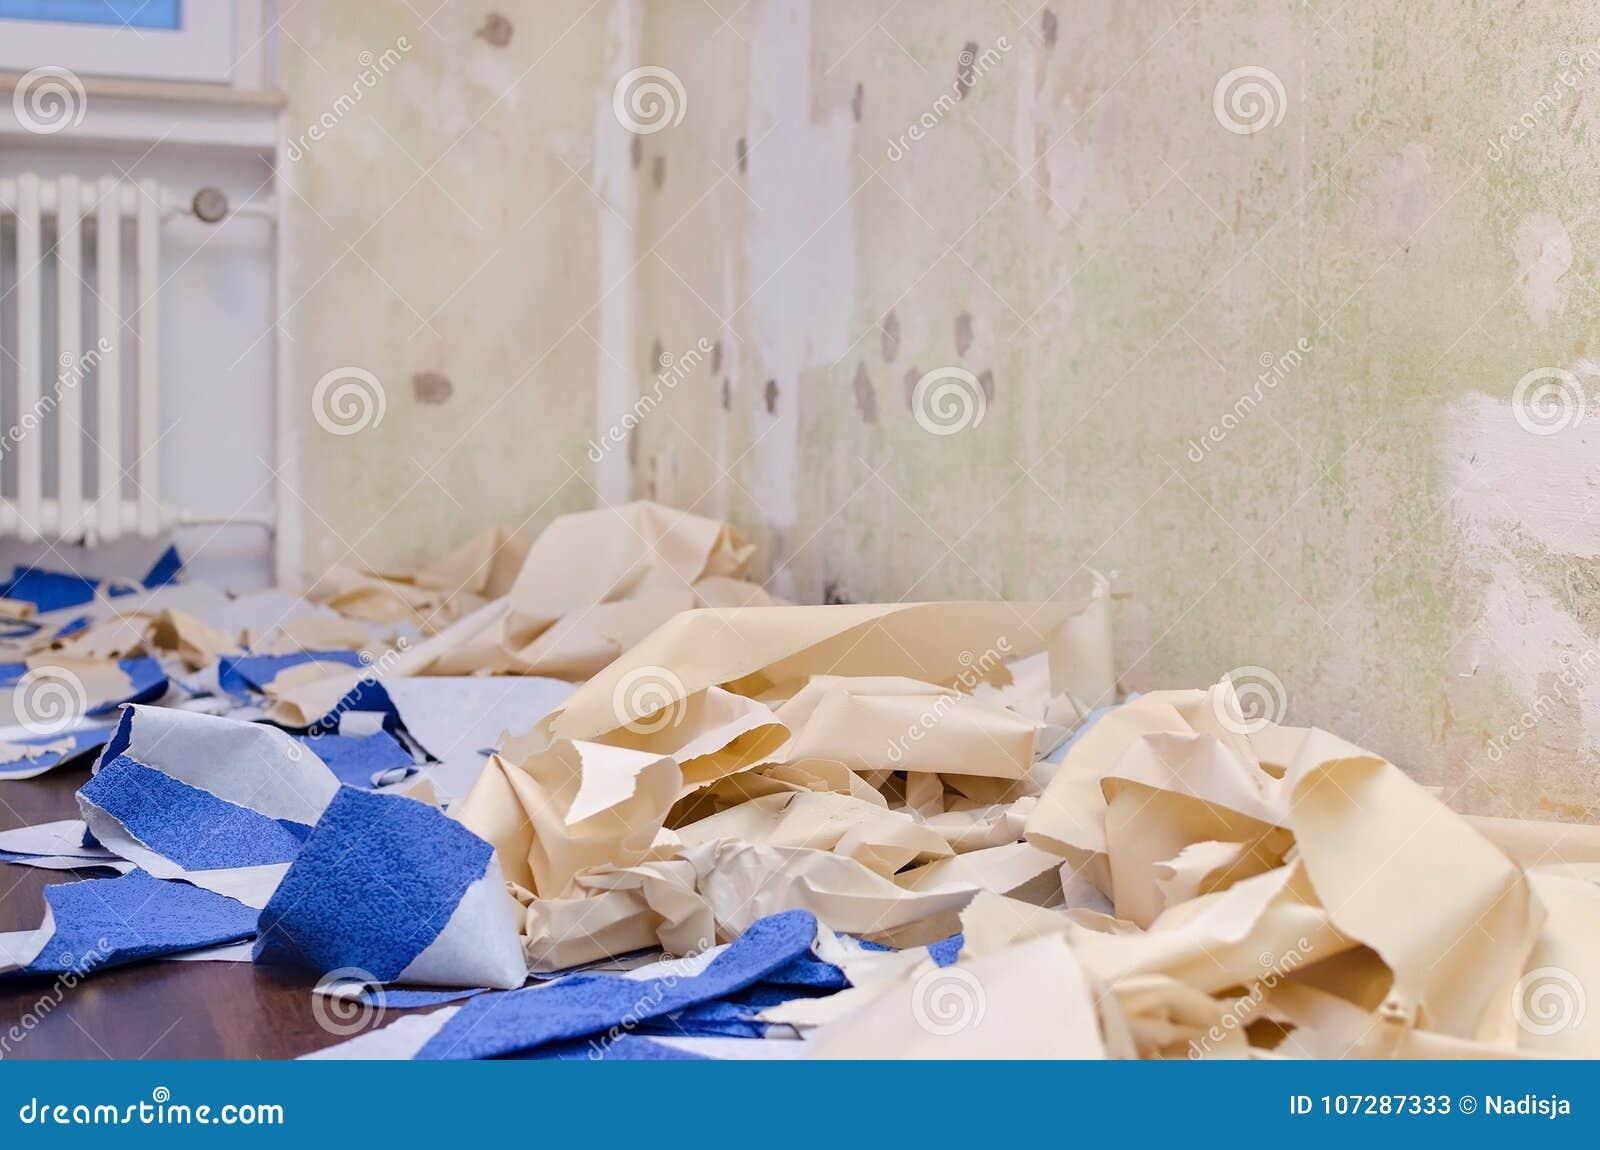 家庭修理概念,在地板上的被去除的墙纸,改造公寓,选择聚焦